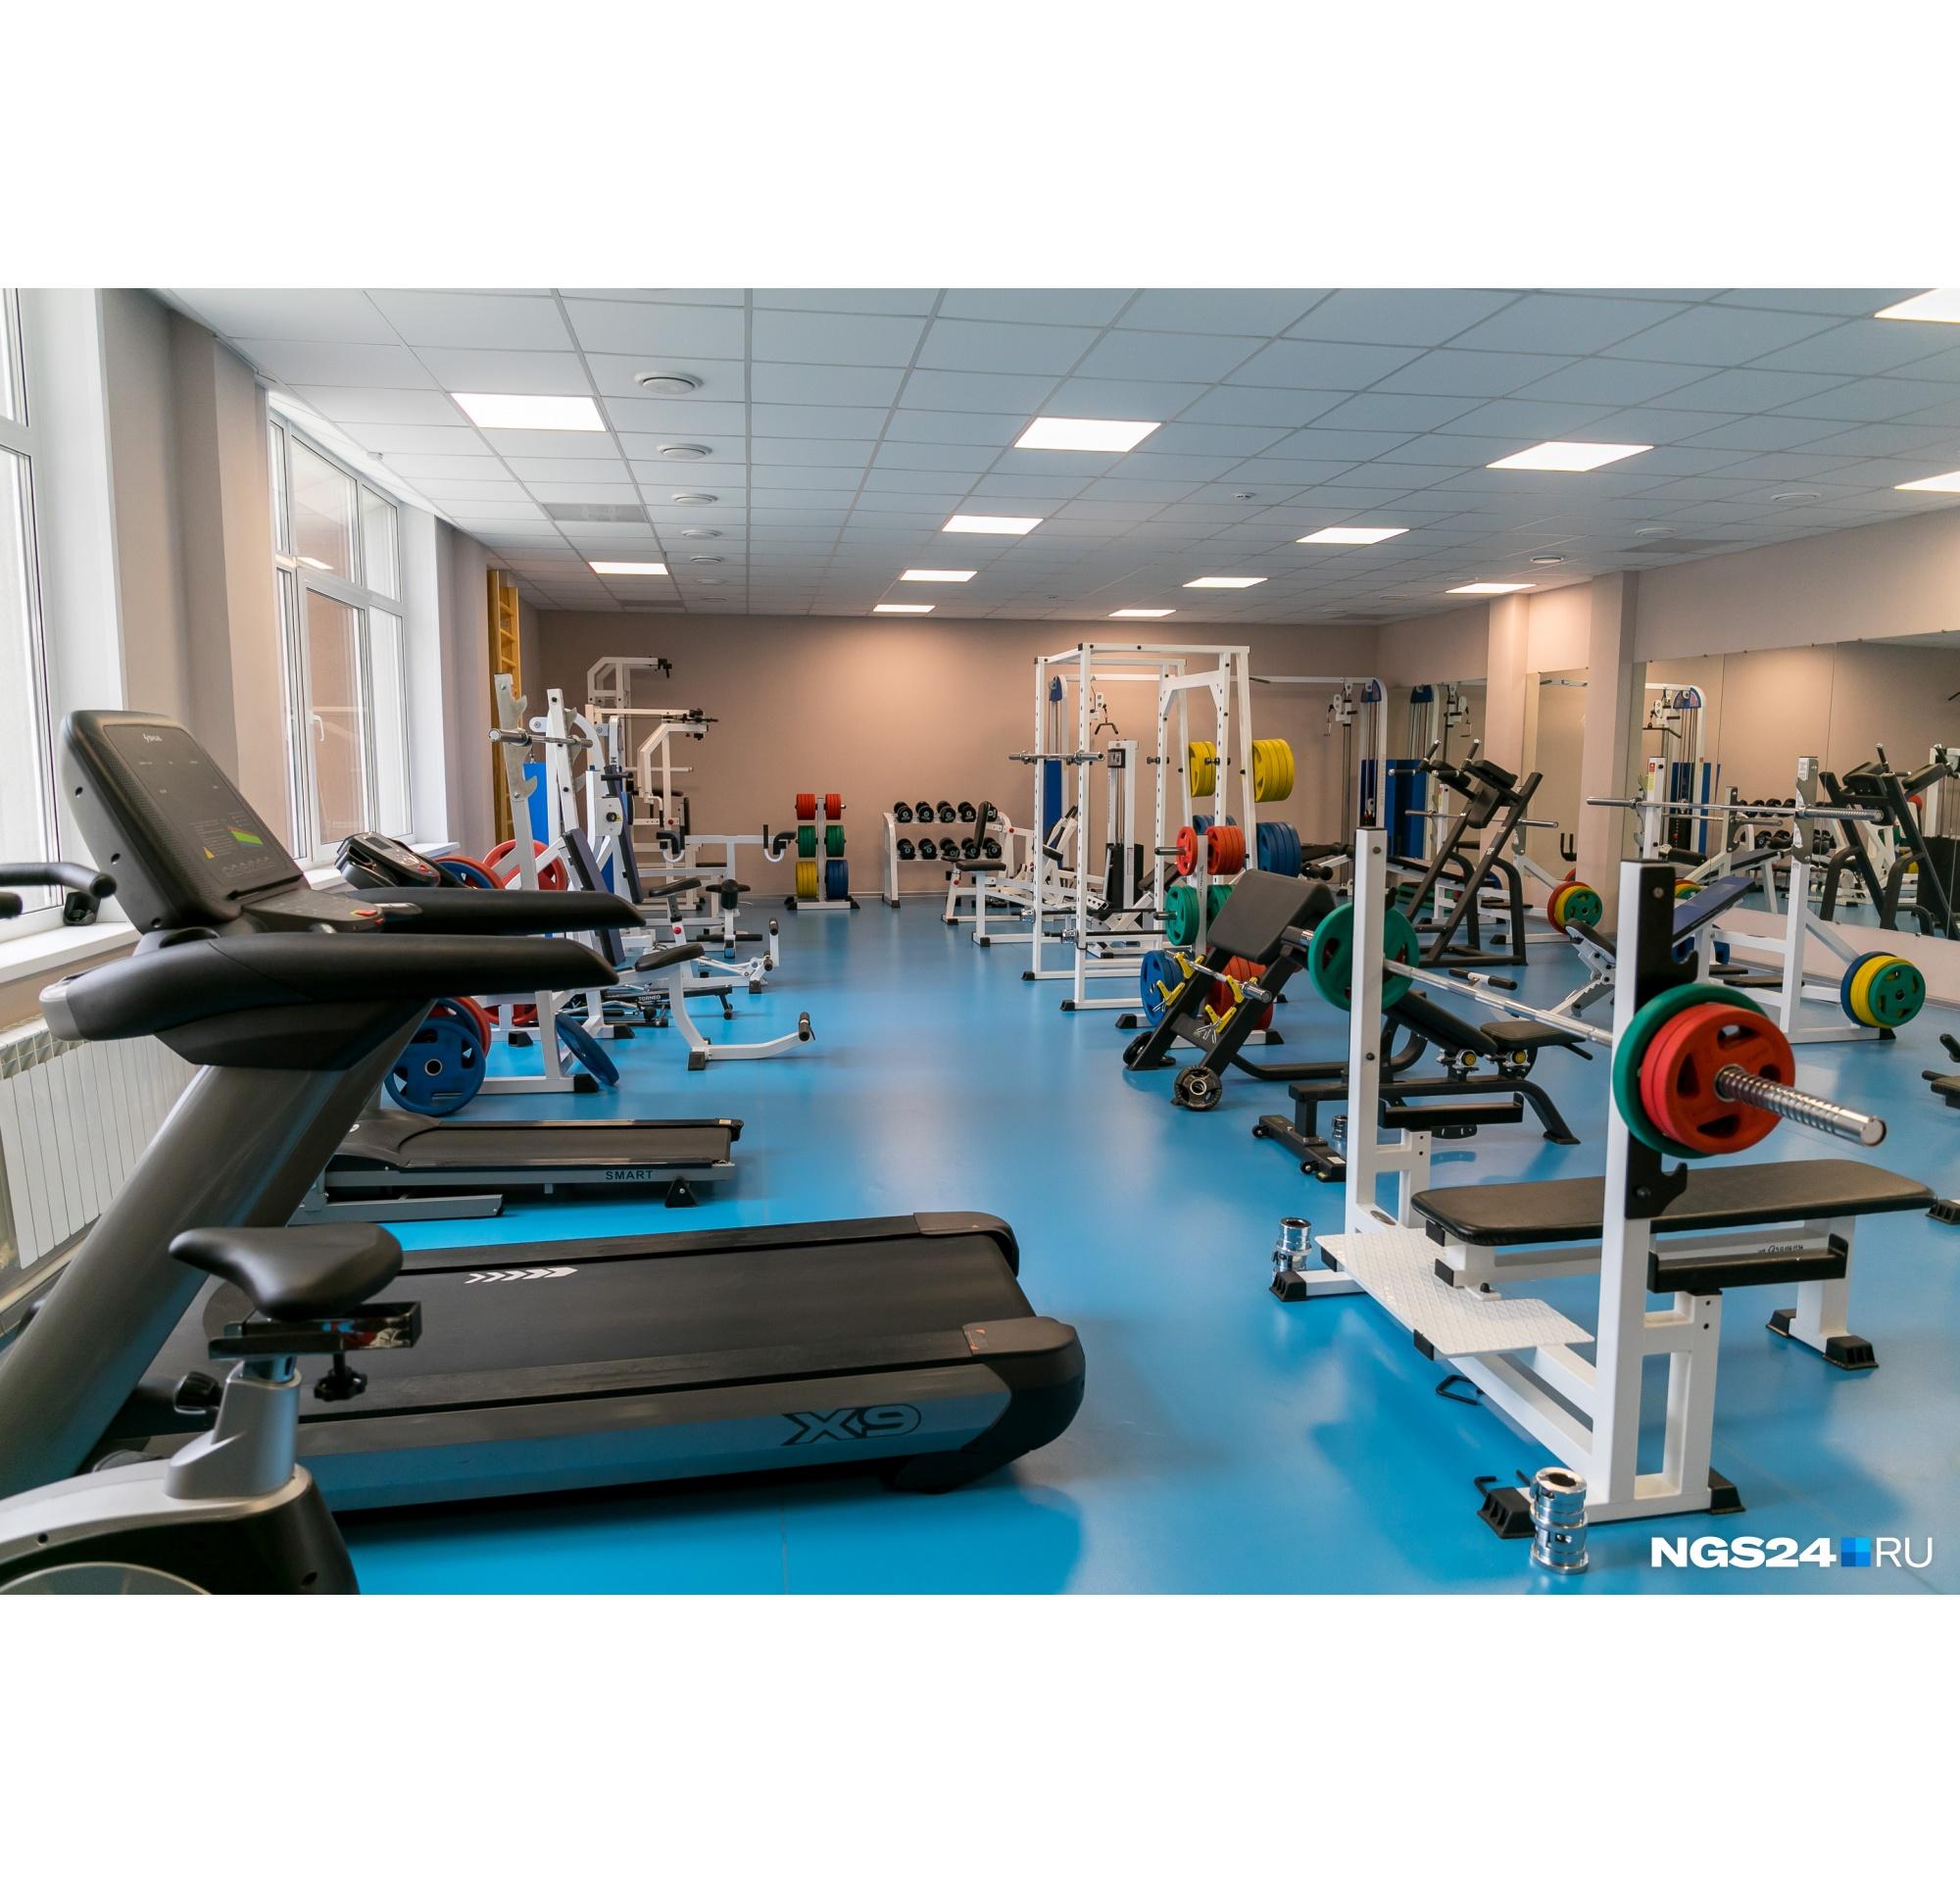 Все жители общежития могут пользоваться спортзалом